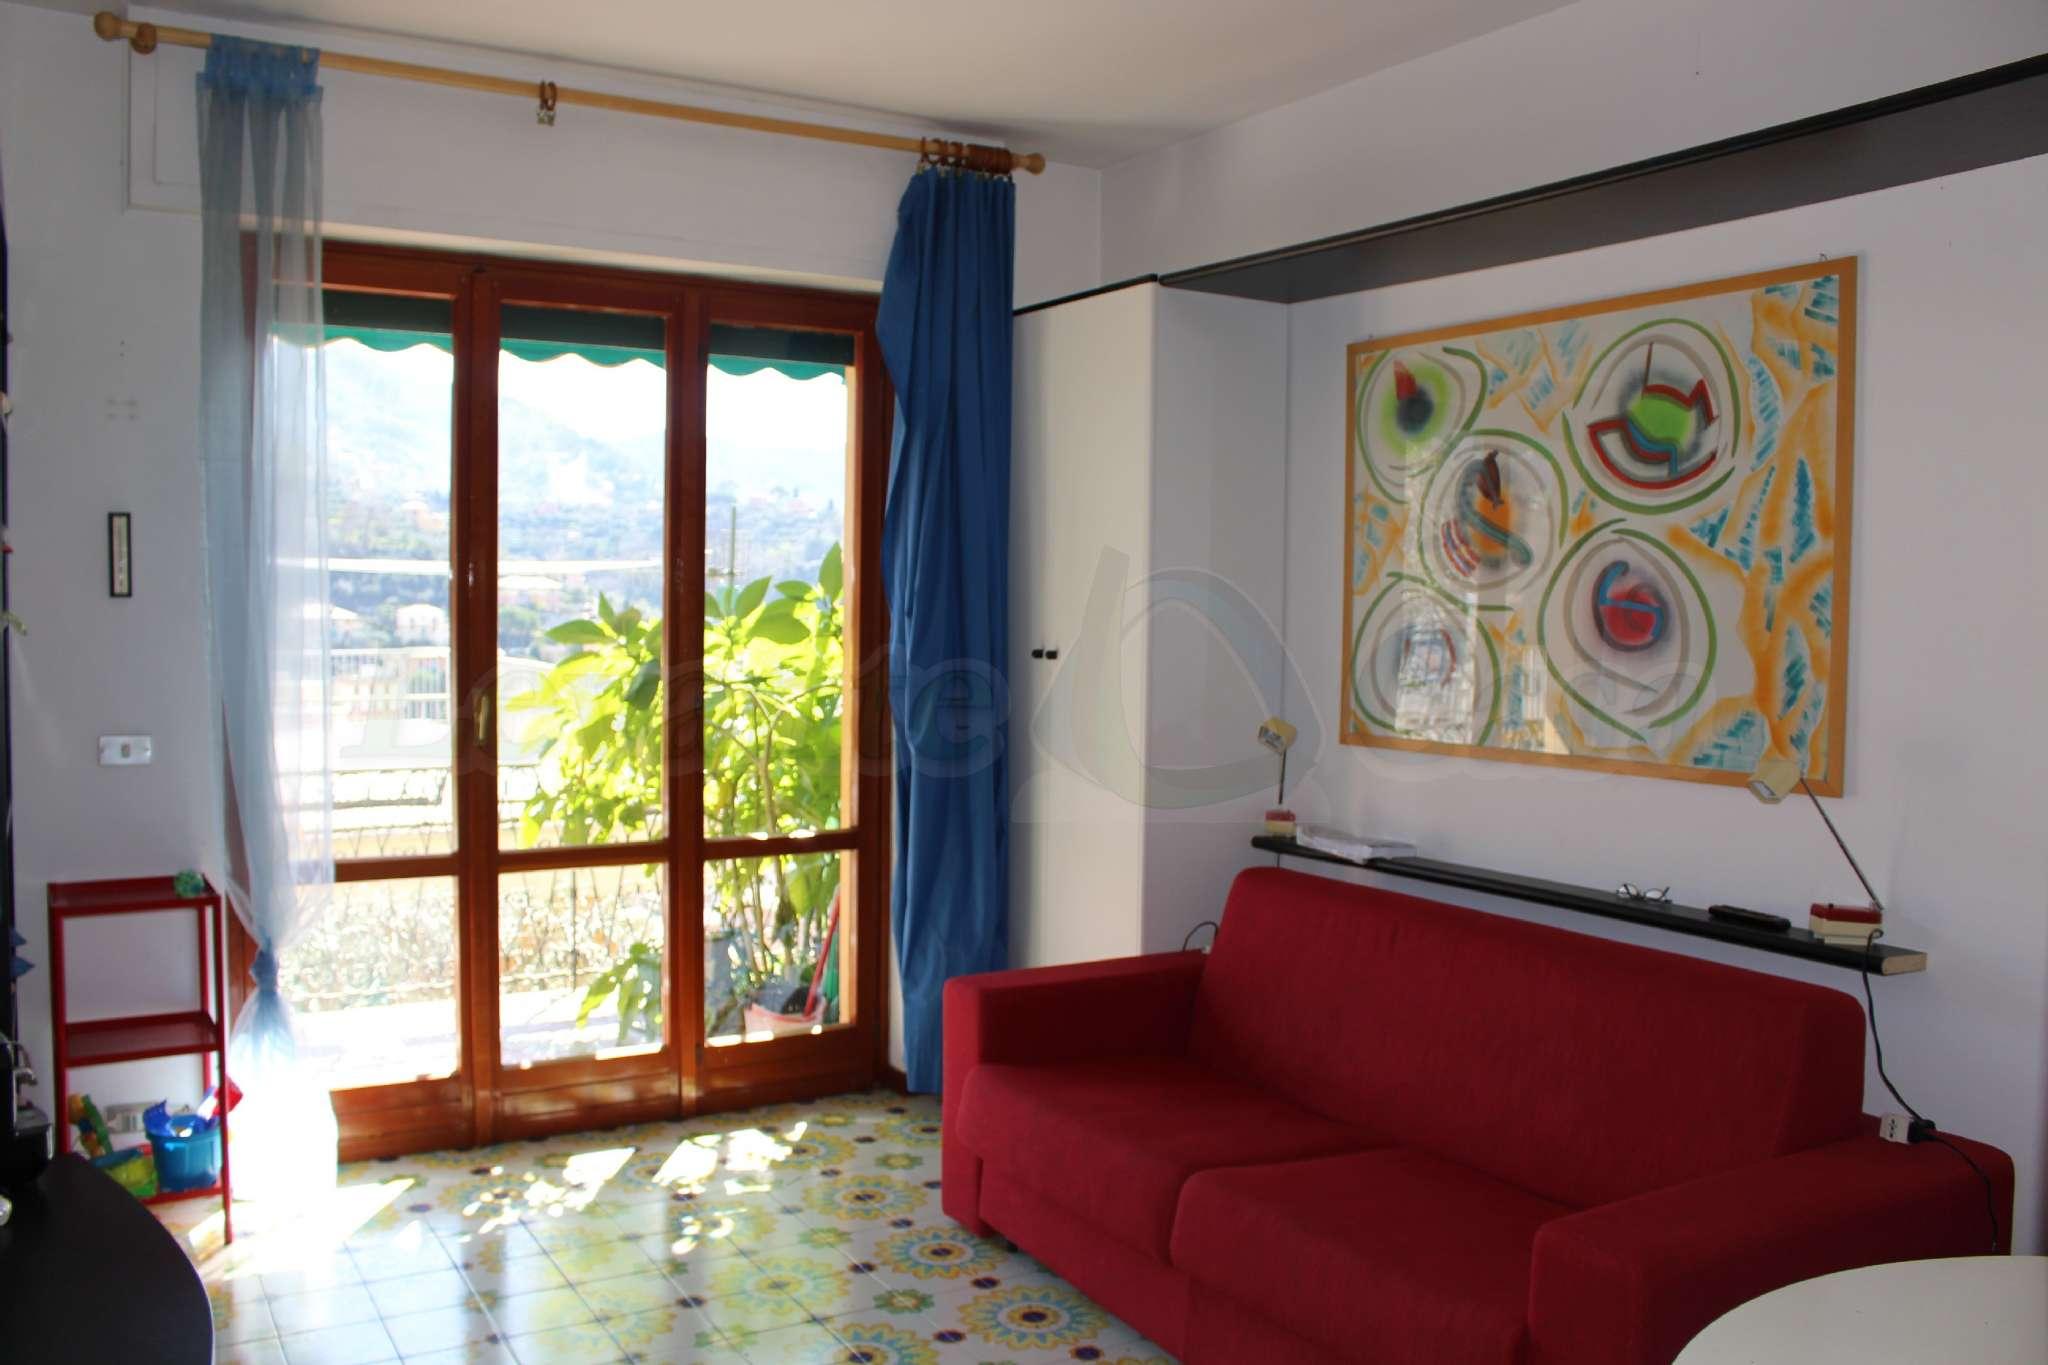 Appartamento in vendita a Recco, 2 locali, prezzo € 105.000 | PortaleAgenzieImmobiliari.it